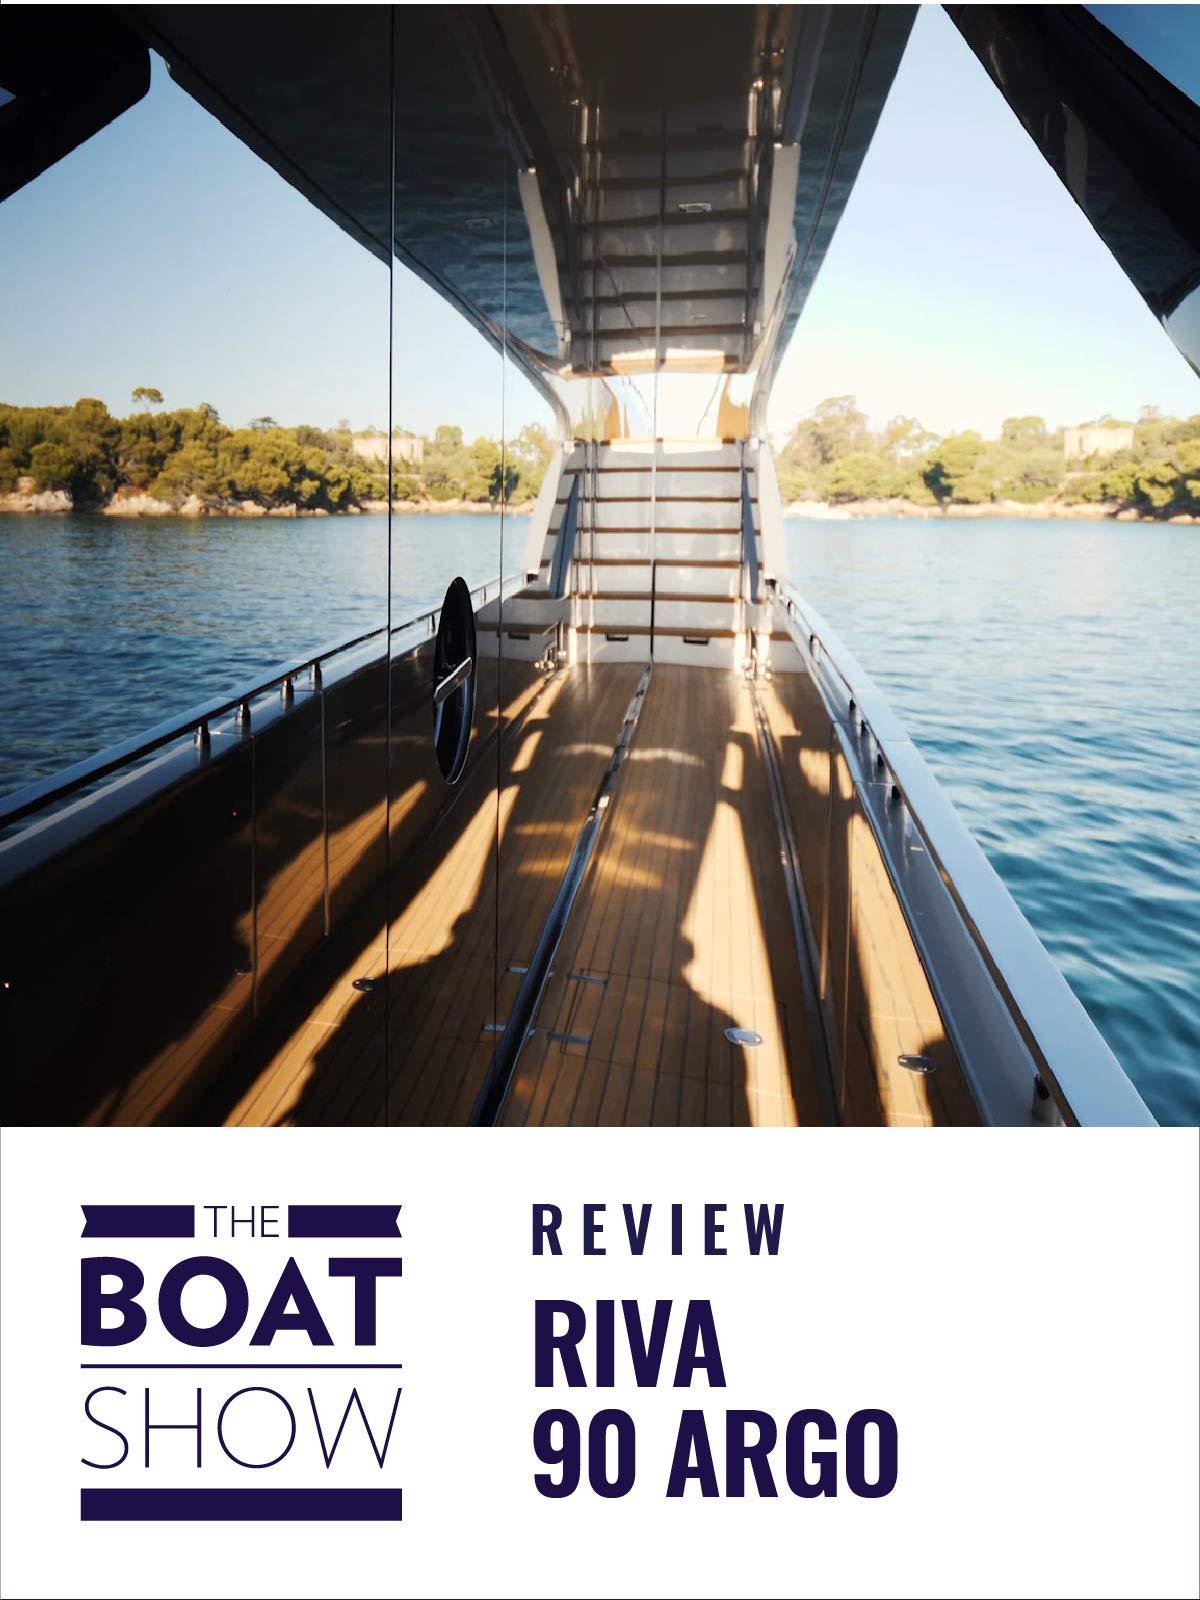 Clip: Riva 90 Argo - The Boat Show